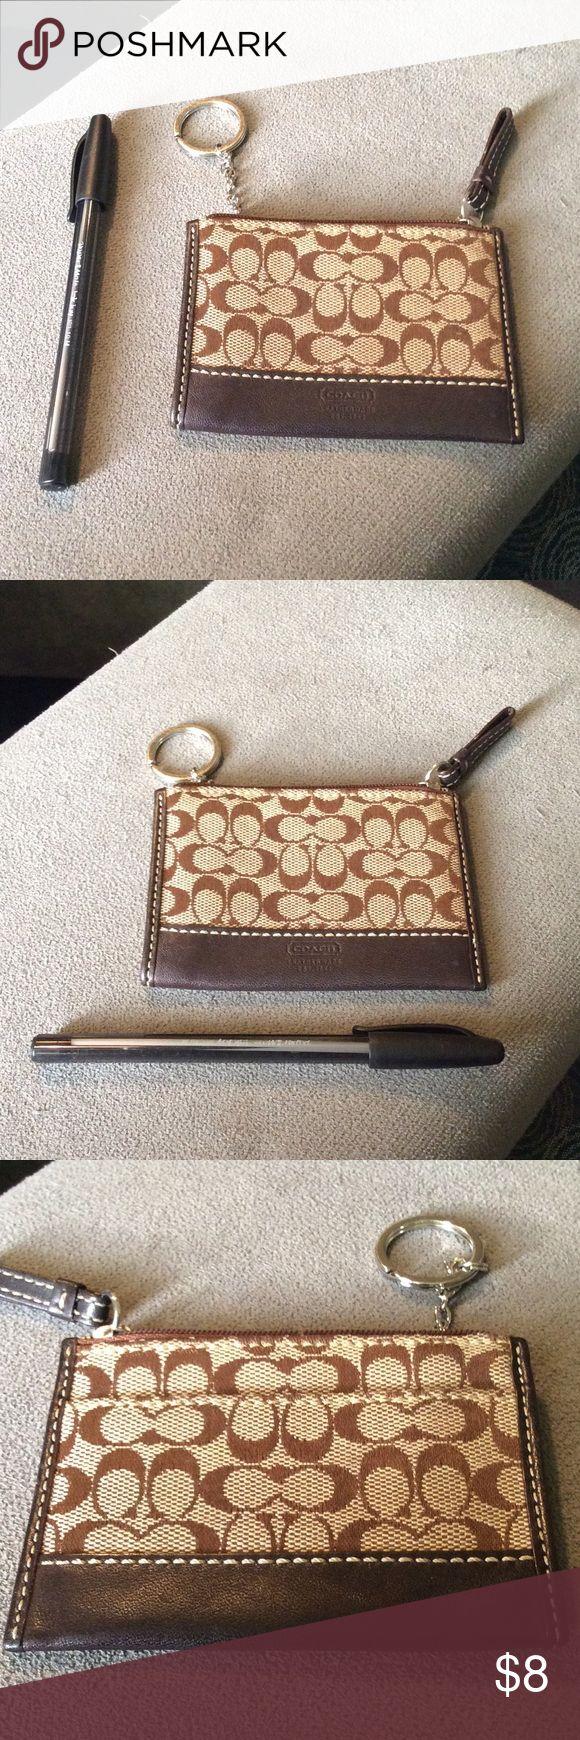 coach coin purse outlet 14iu  Coach coin purse